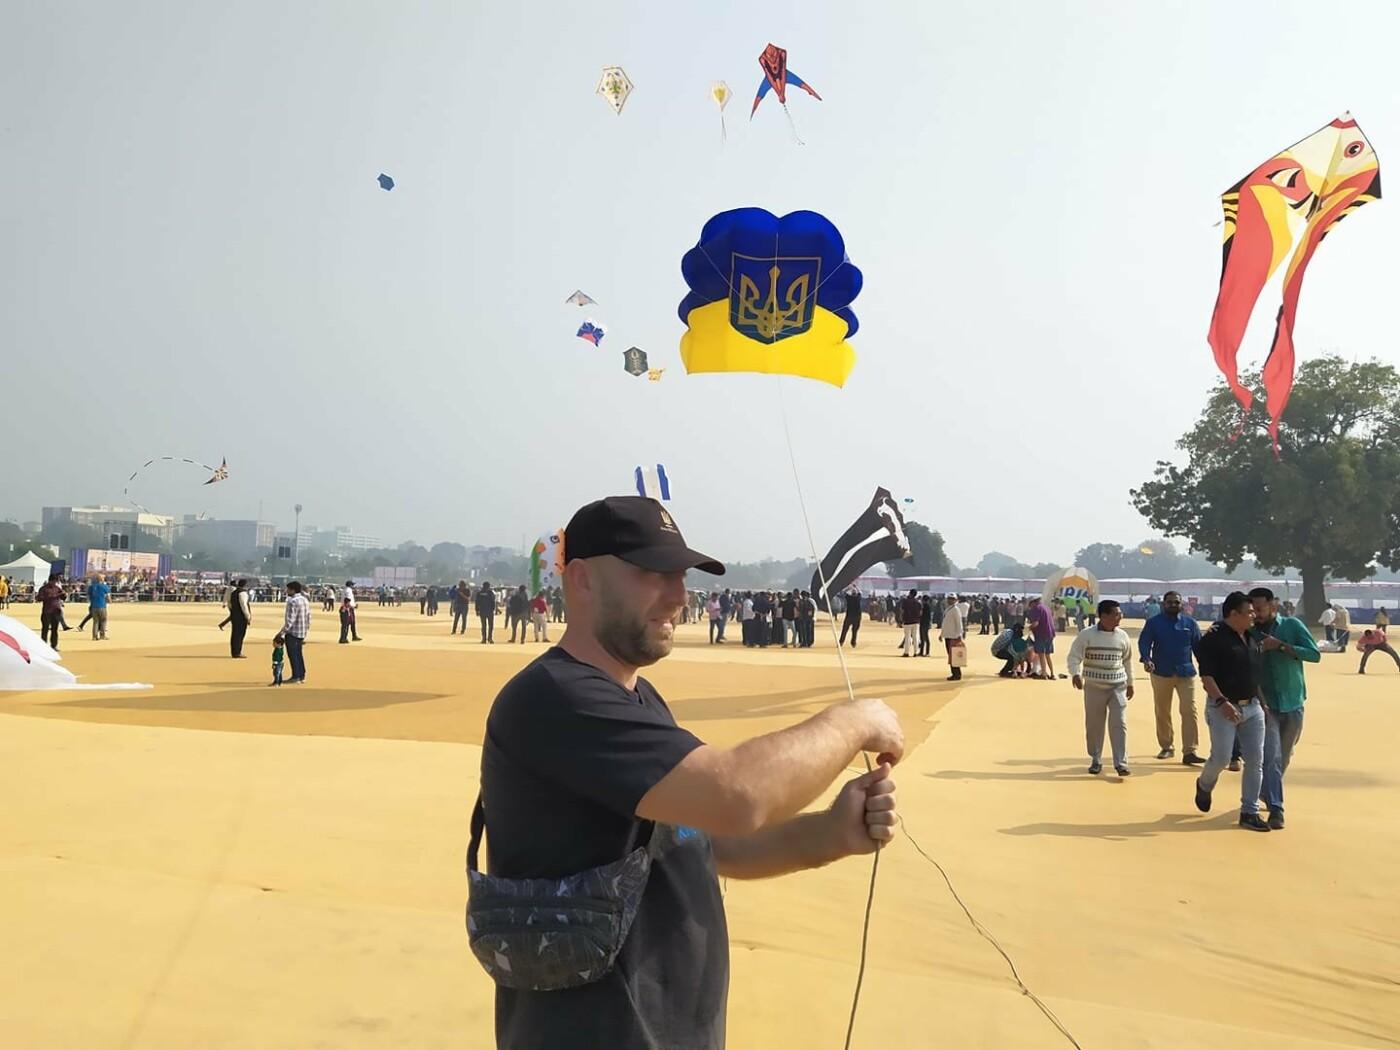 Николаевские кайтеры запустили своих змеев на фестивале в Индии, - ФОТО, фото-5